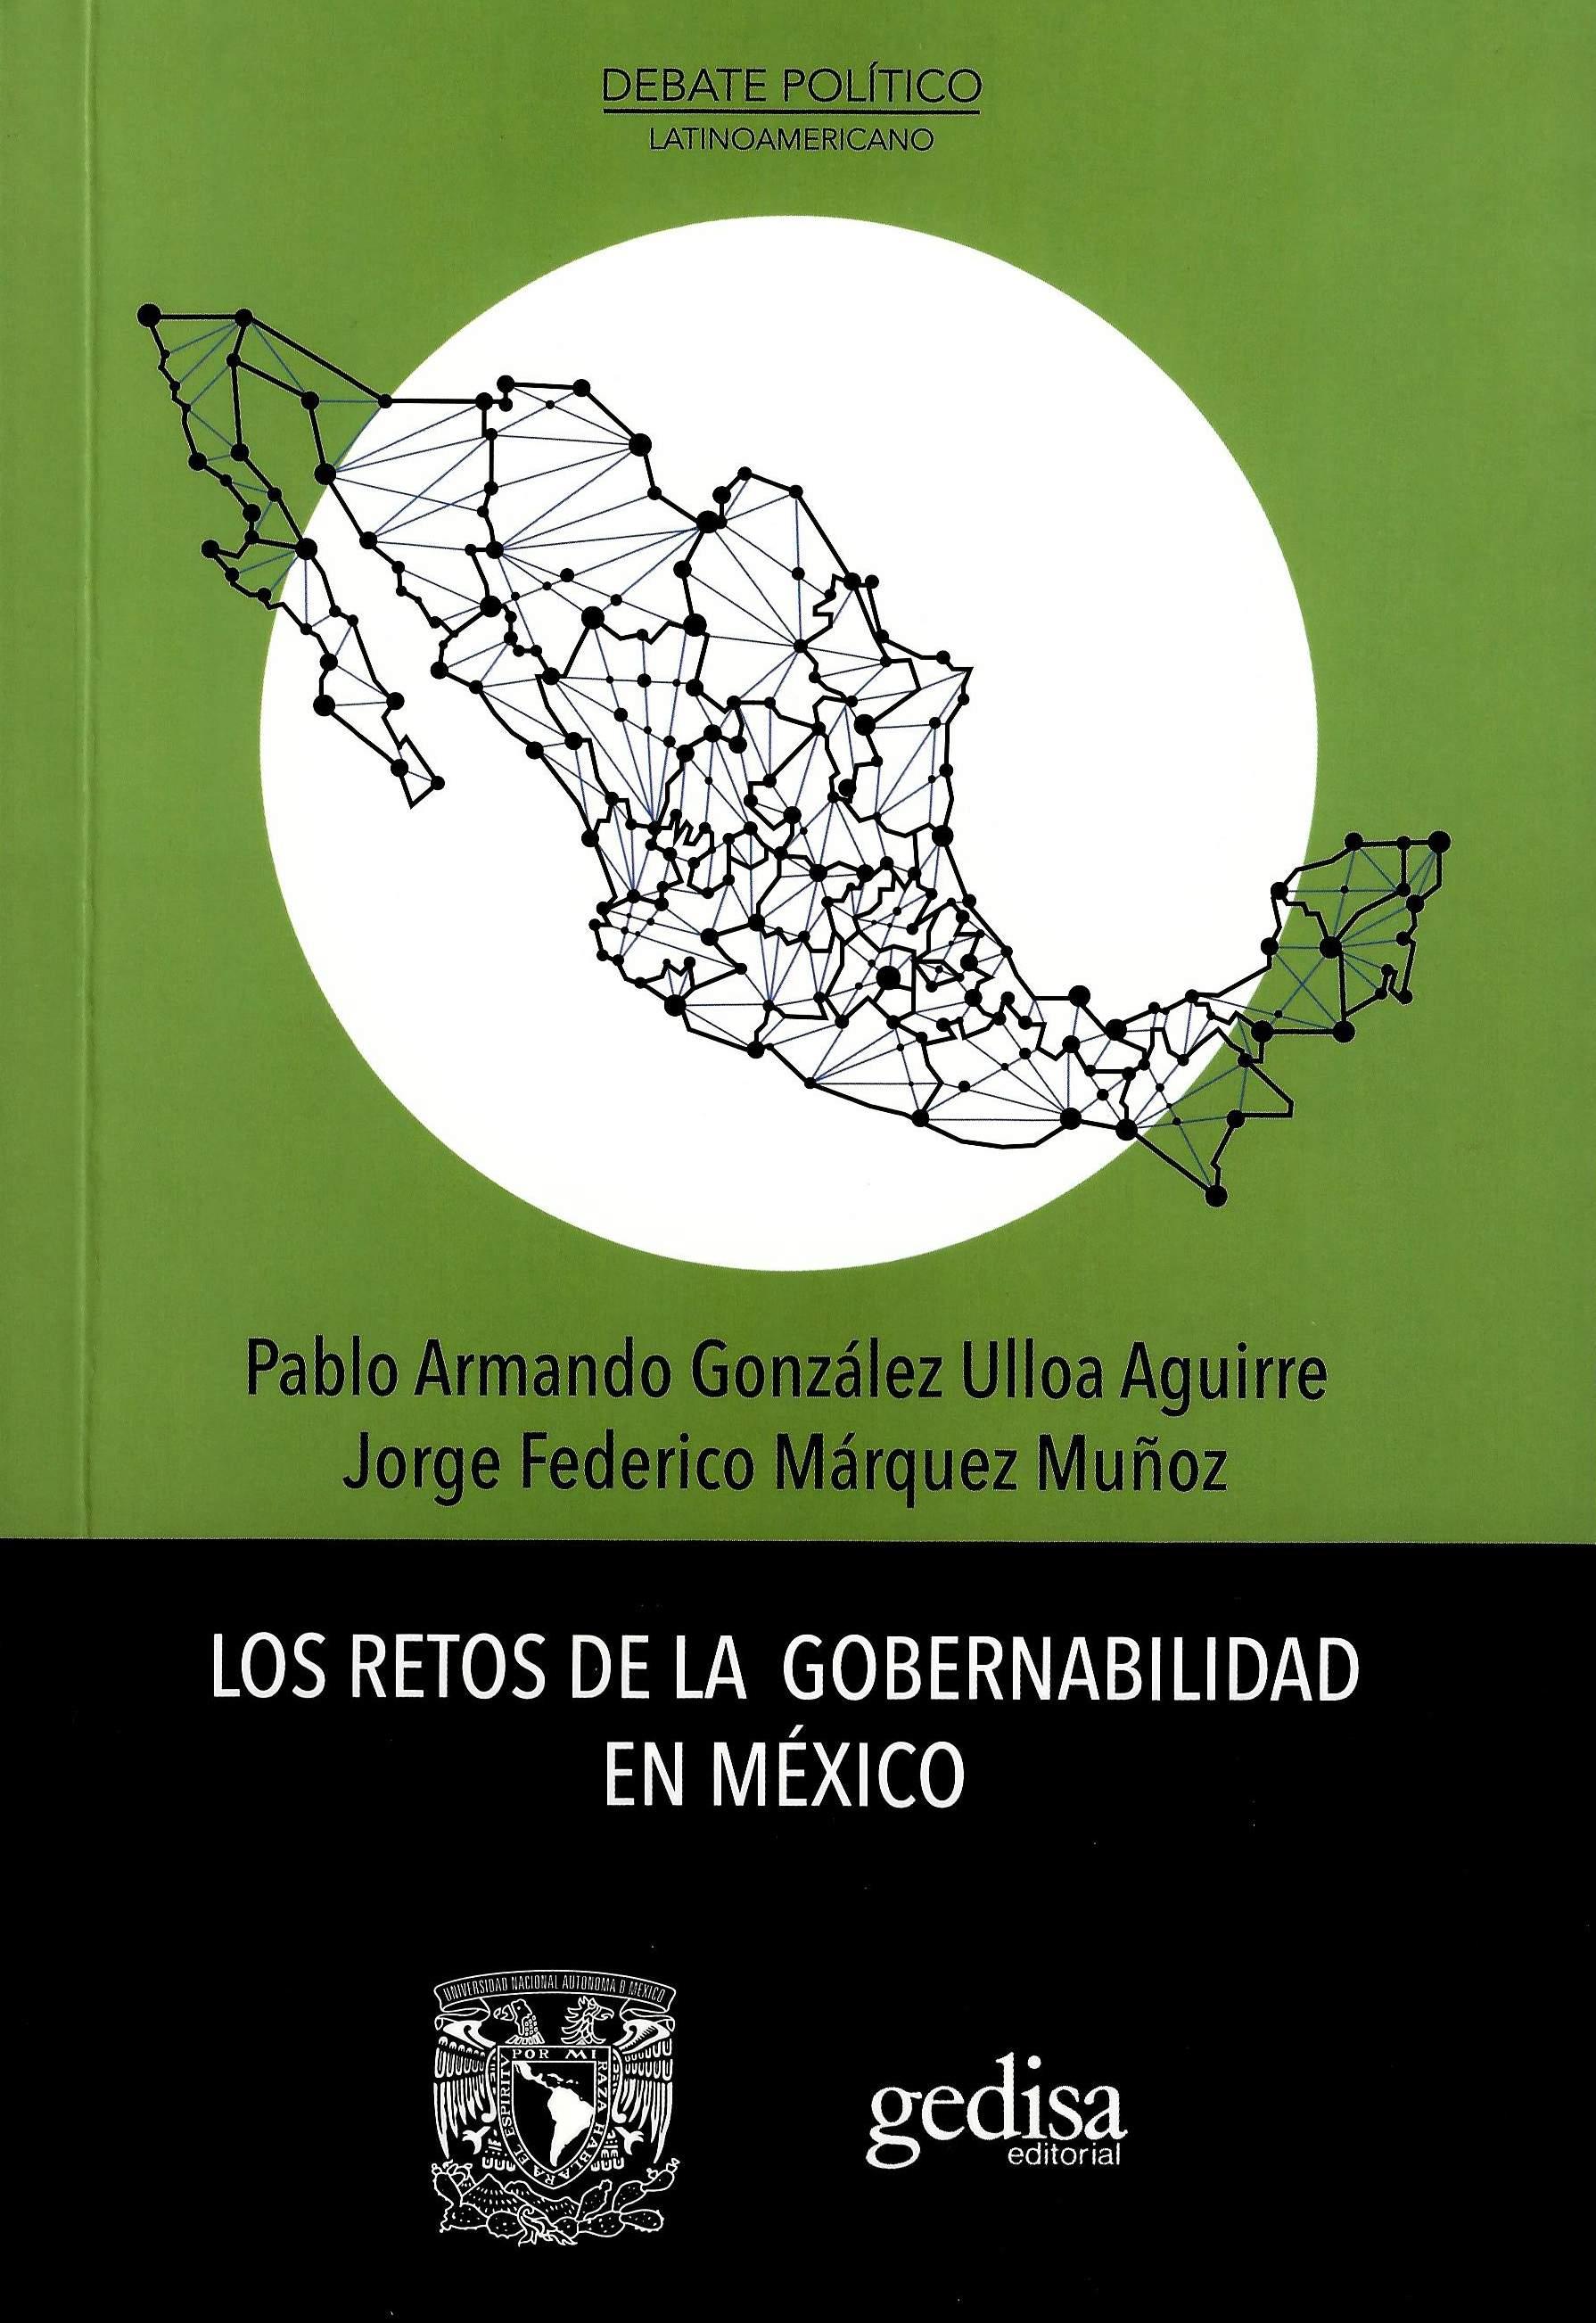 Los retos de la gobernabilidad en México